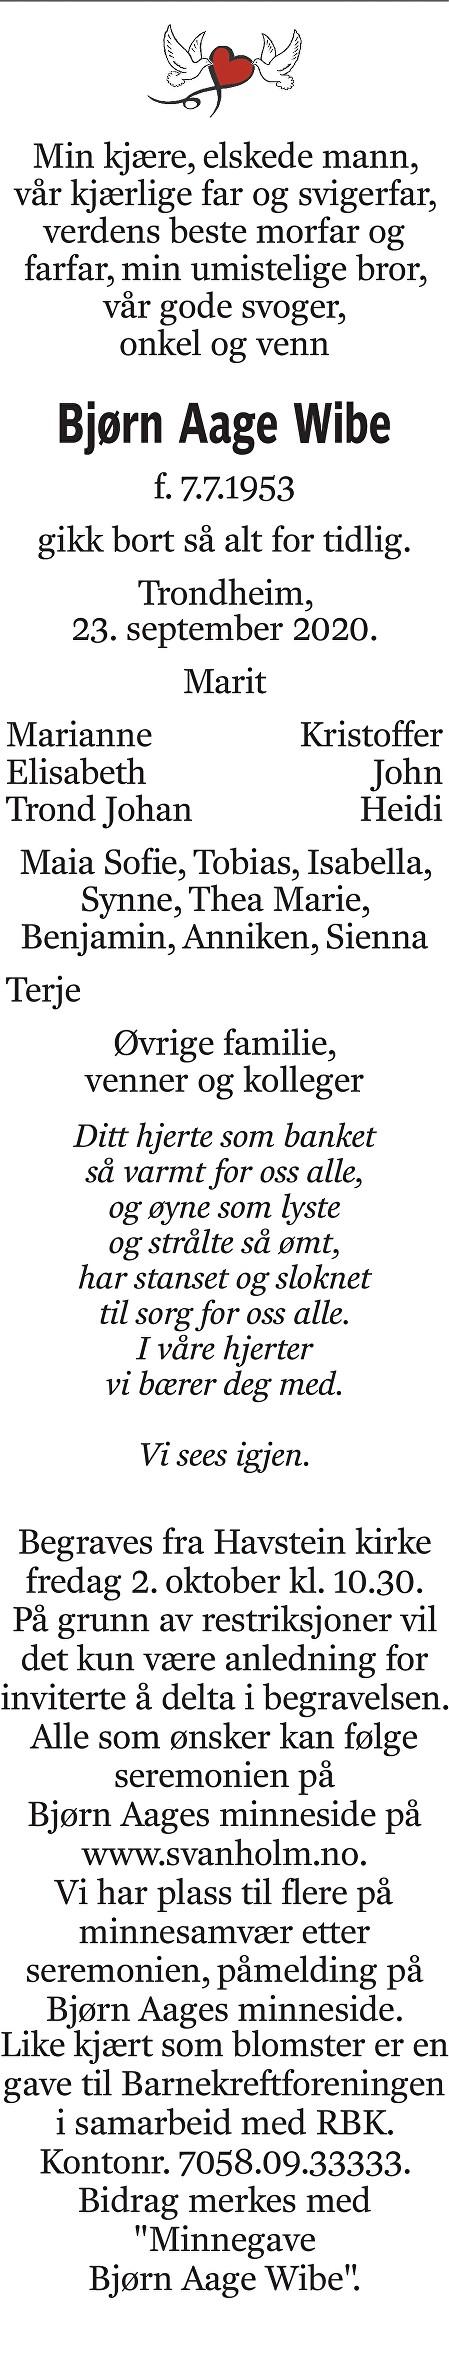 Bjørn Aage Wibe Dødsannonse